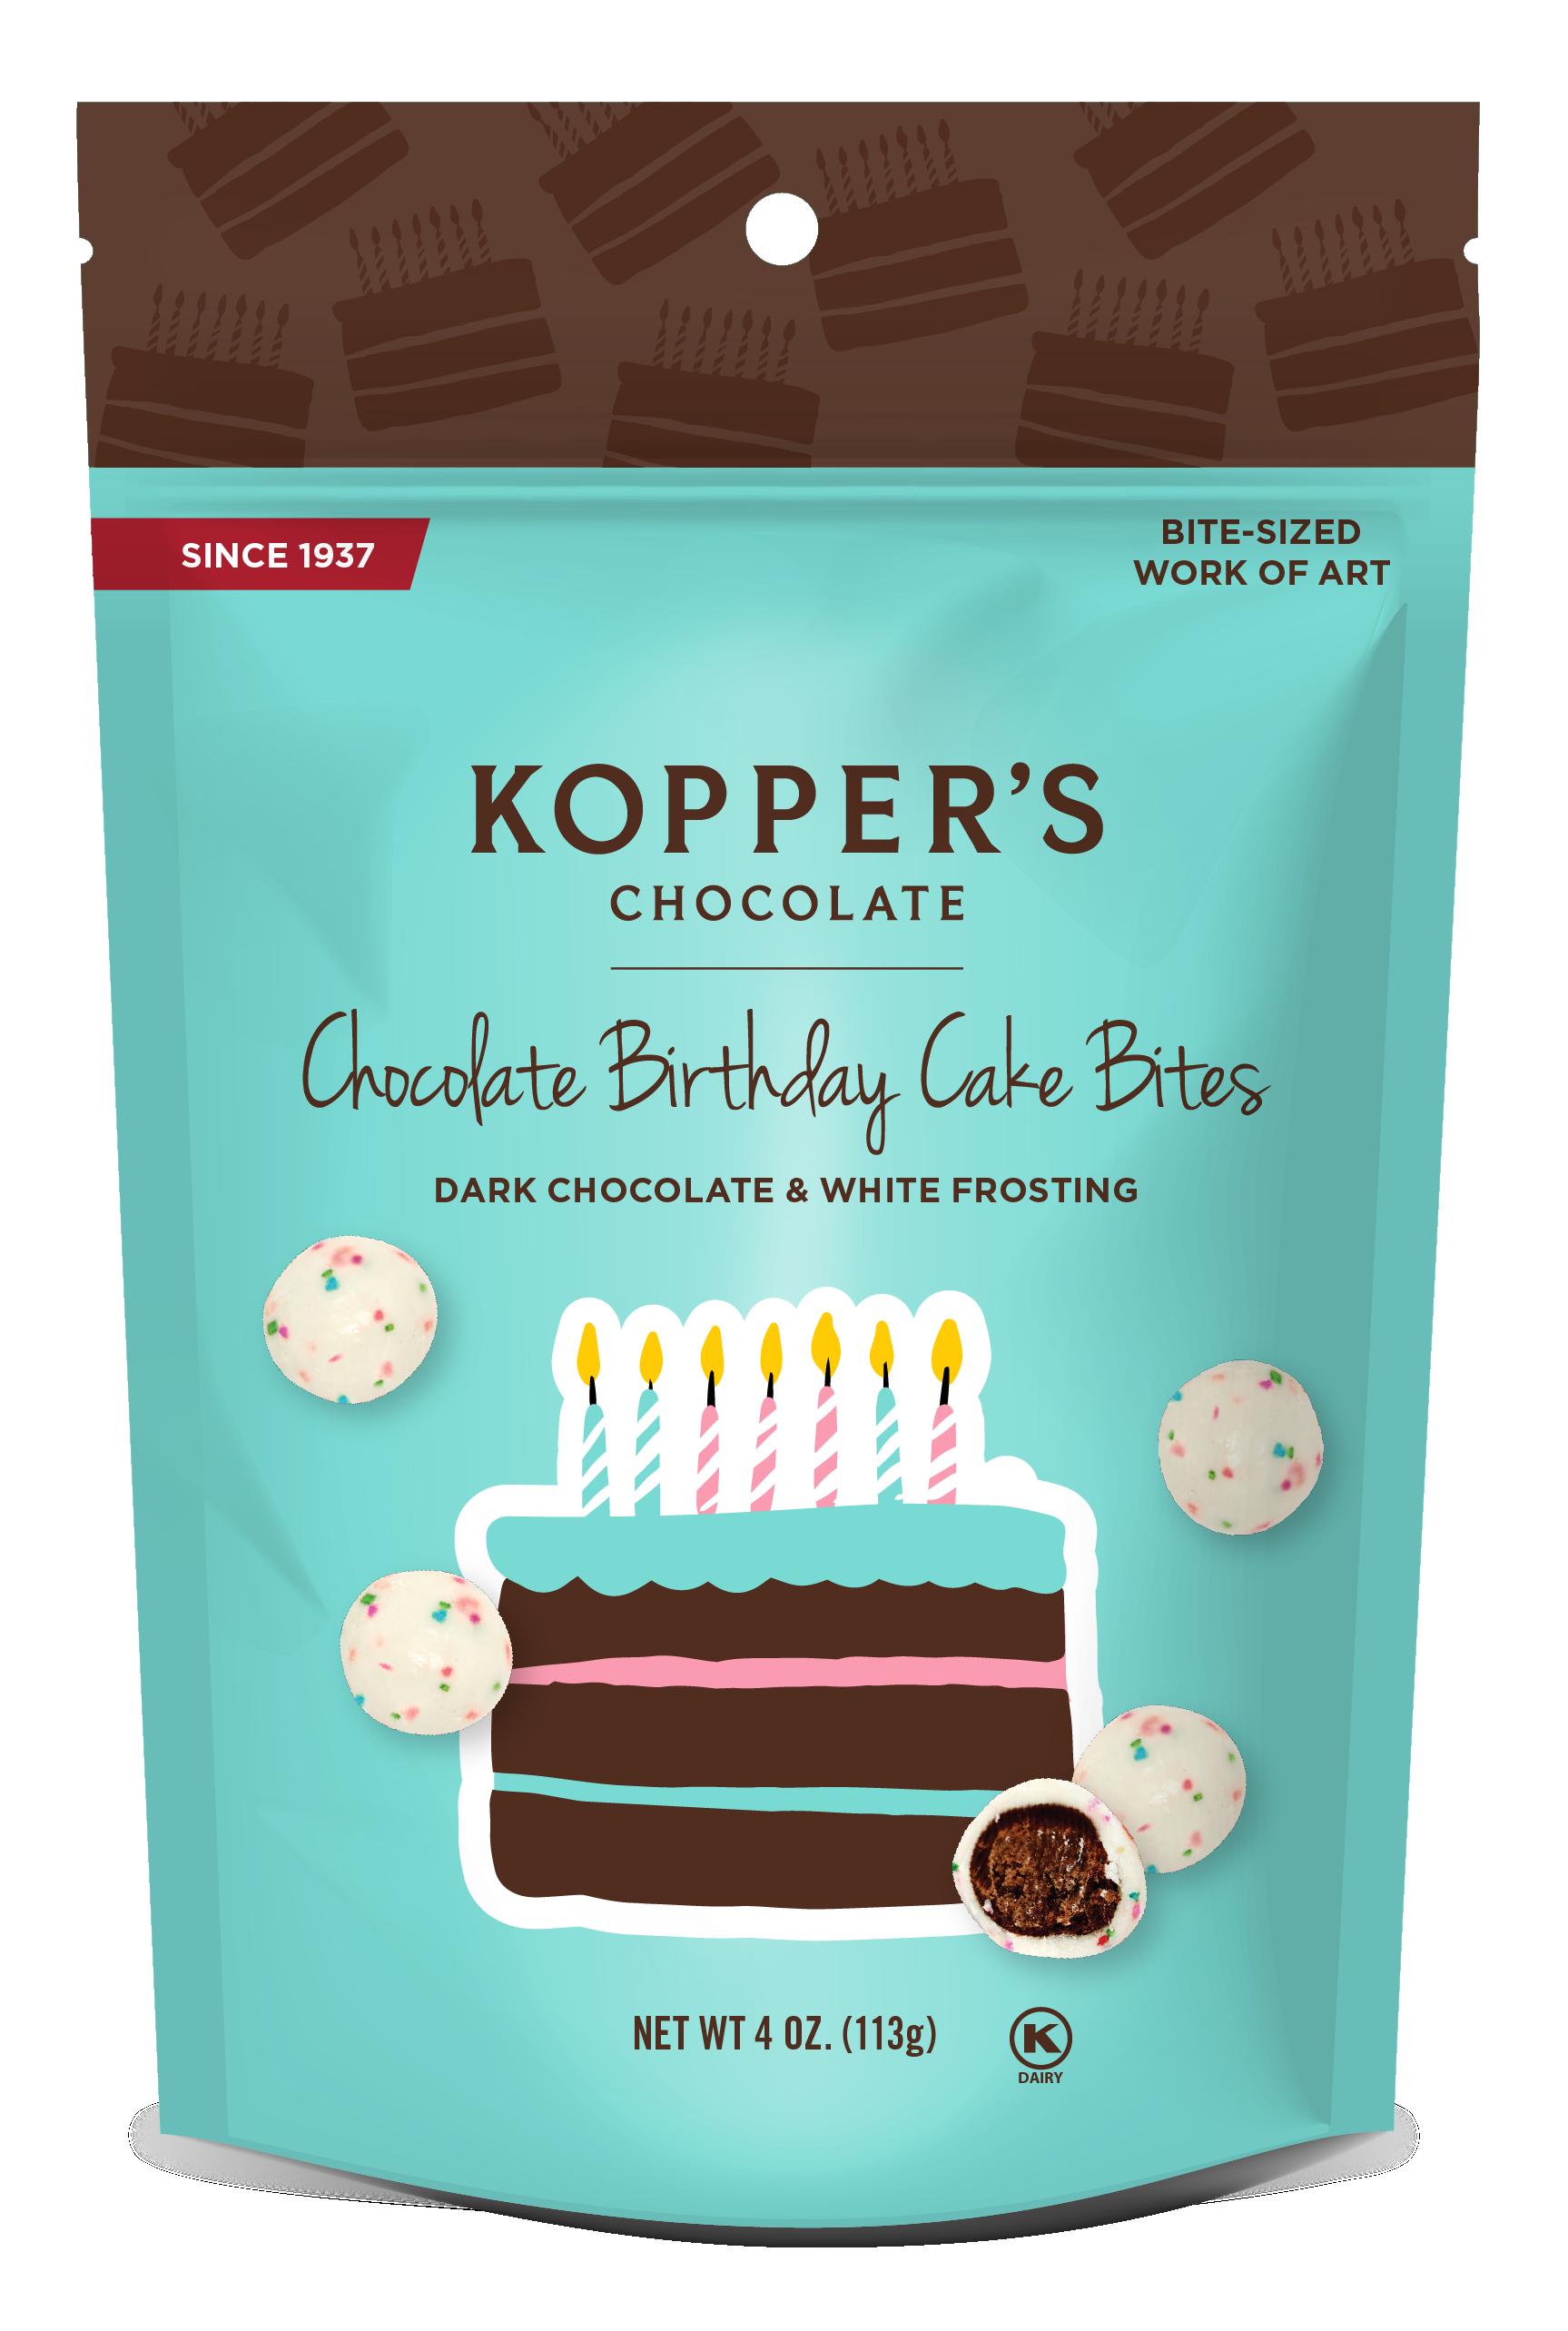 Chocolate Birthday Cake Bites